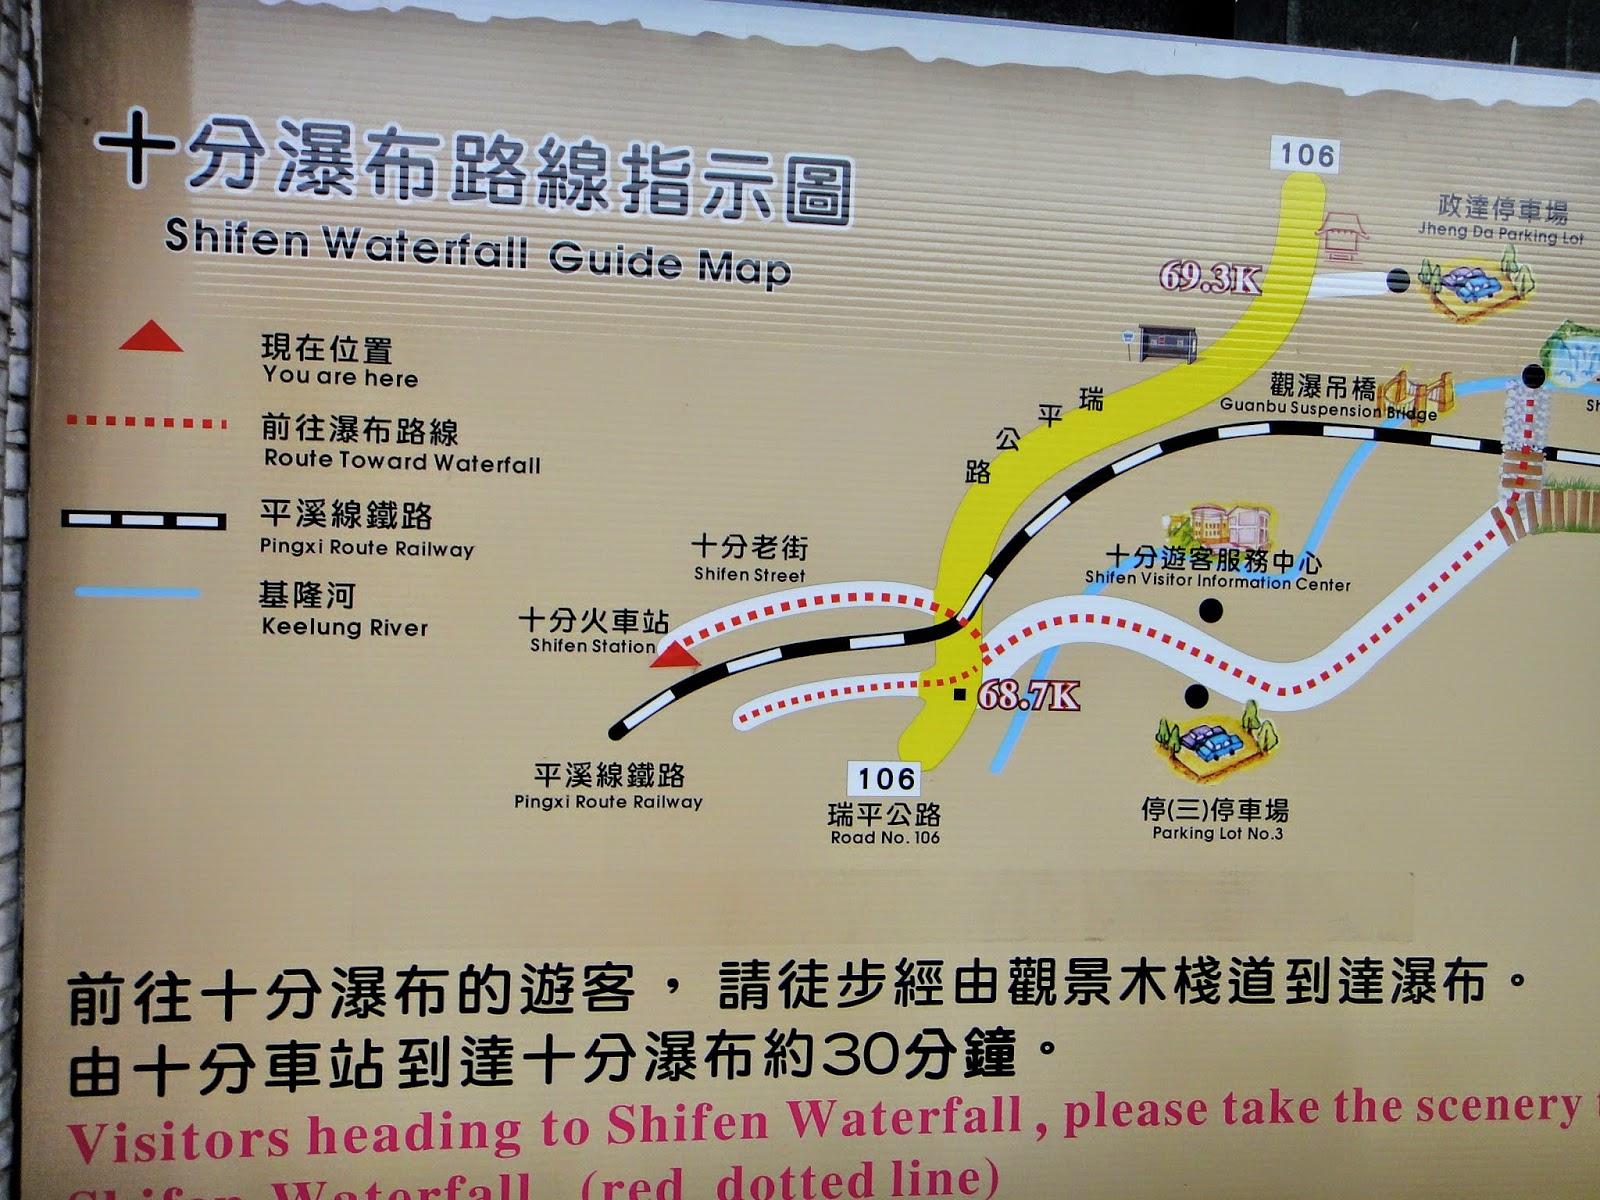 Shifen Waterfall Guide Map Taiwan